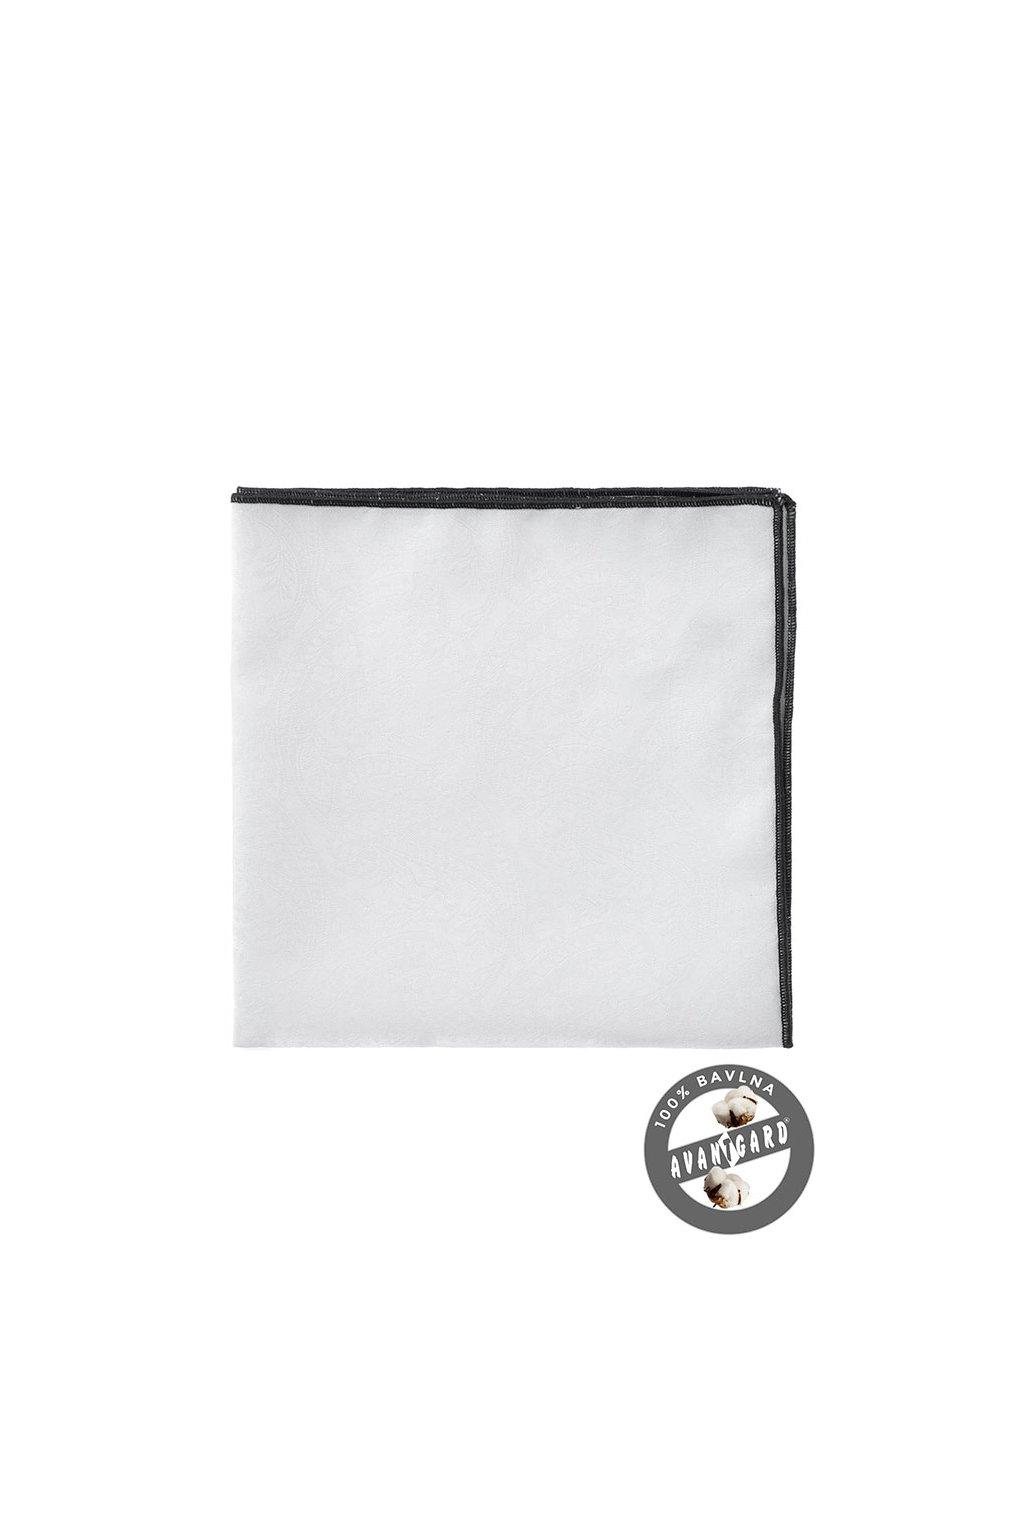 Kapesníček AVANTGARD LUX bílá/černá 583 - 5186